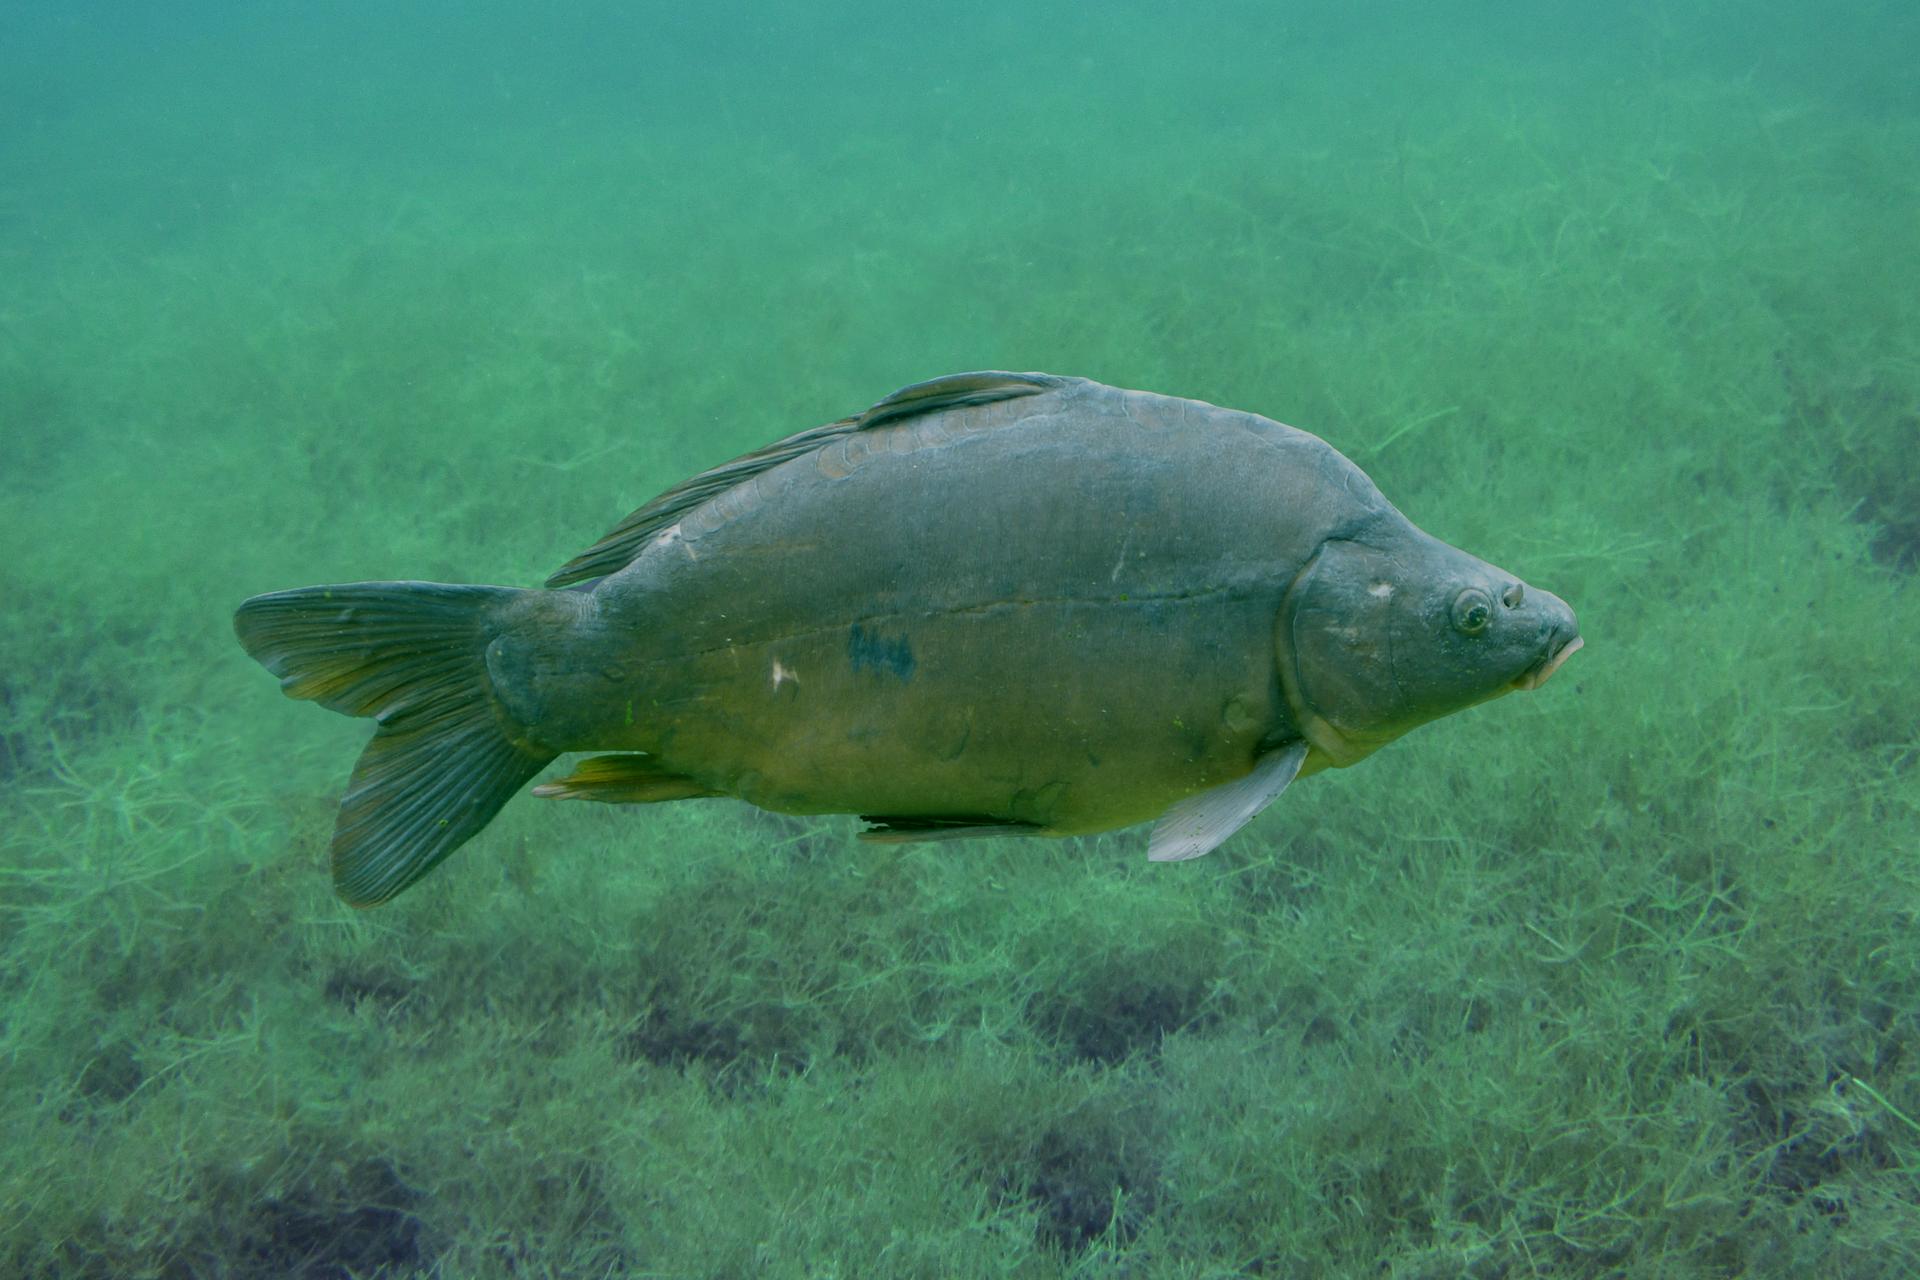 Fotografia przedstawiająca karpia wwodzie. Ryba ma bocznie spłaszczone, ale wysokie ciało. Ryba pokryta jest drobnymi łuskami. Ma barwę jasnozieloną na dolnej iciemnozieloną na górnej stronie ciała.